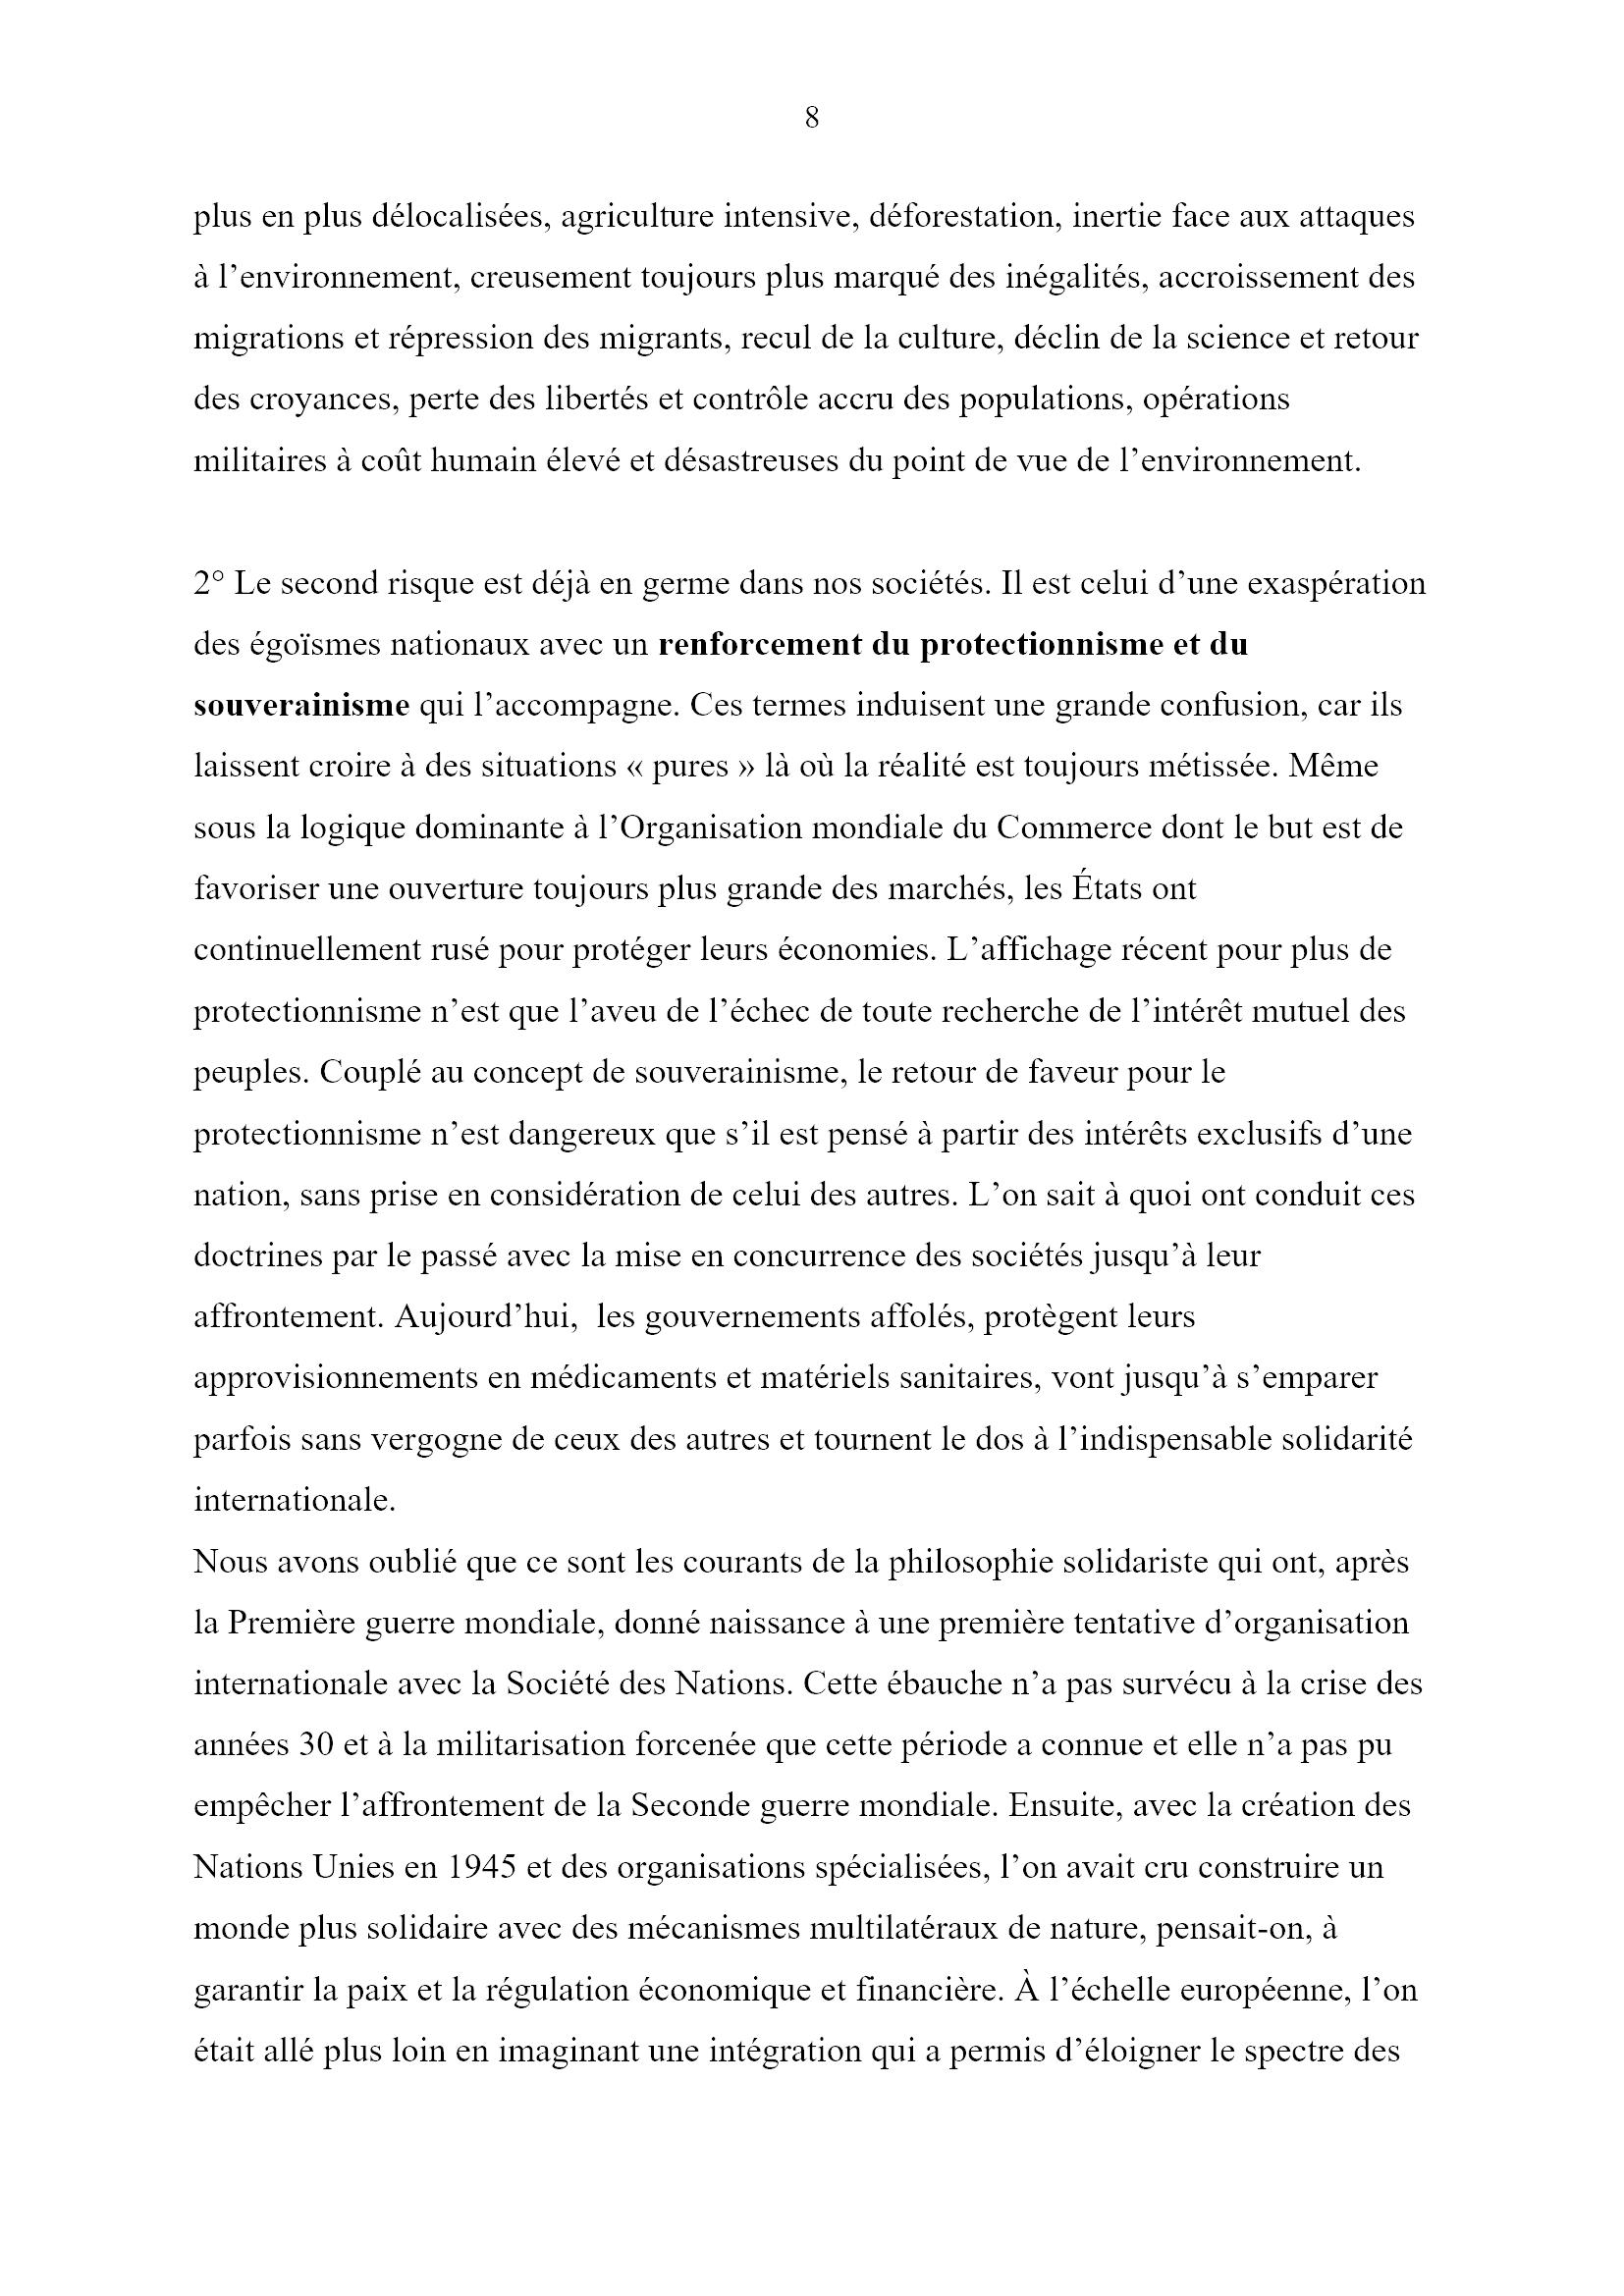 Des jours heureux... Monique Chemillier-Gendreau 8x16